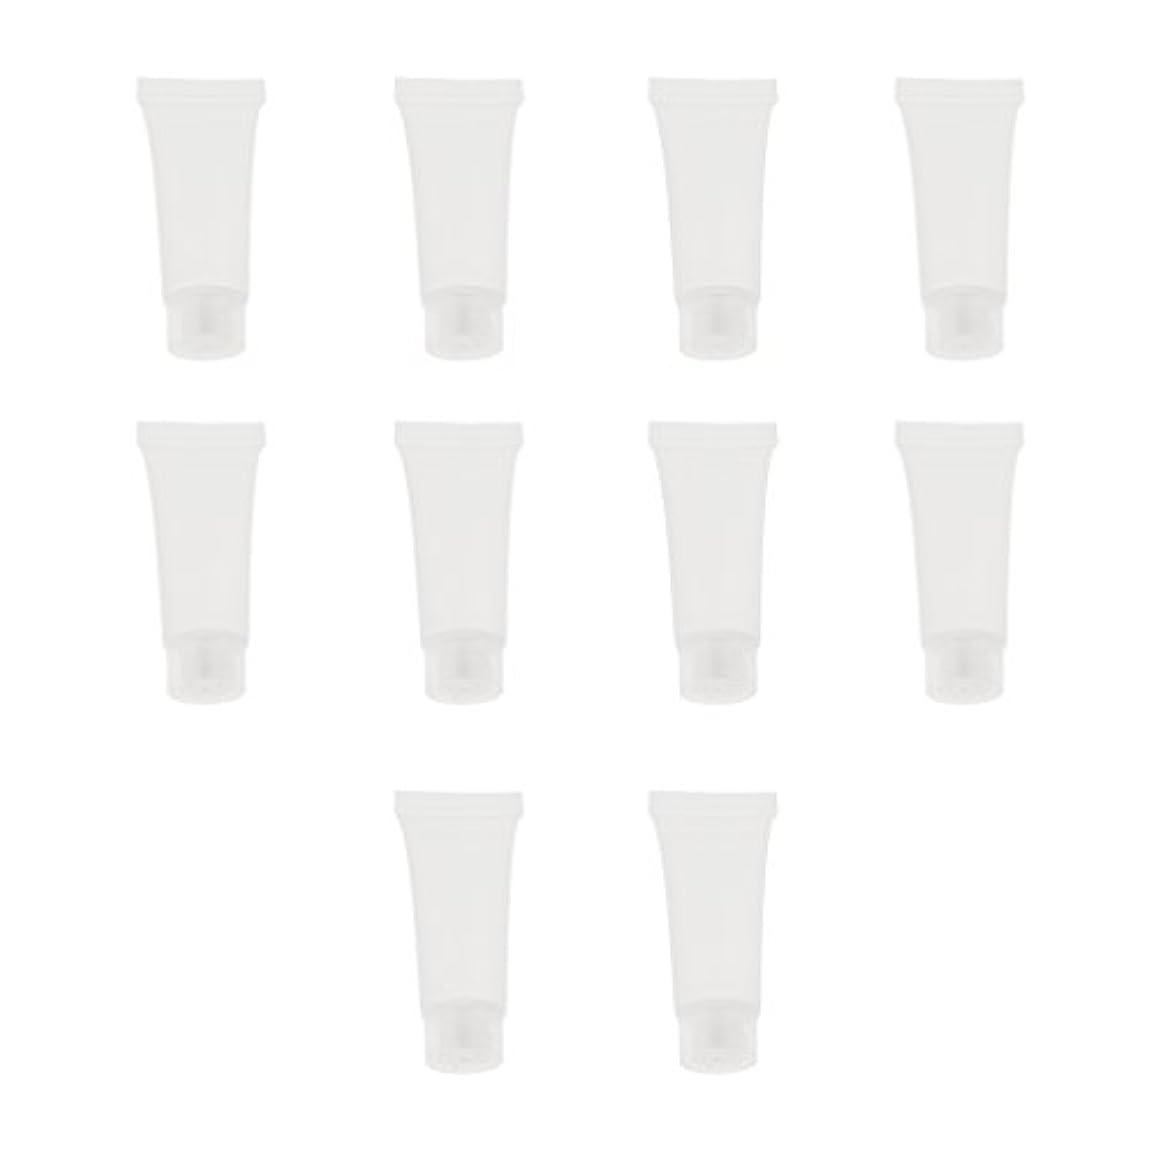 変換するゆるく自分の10個 空チューブ クリームチューブ 透明 プラスチック製 コスメ 詰替え メイクアップ ローション コンテナ 収納ボトル 2サイズ選べる - 10g